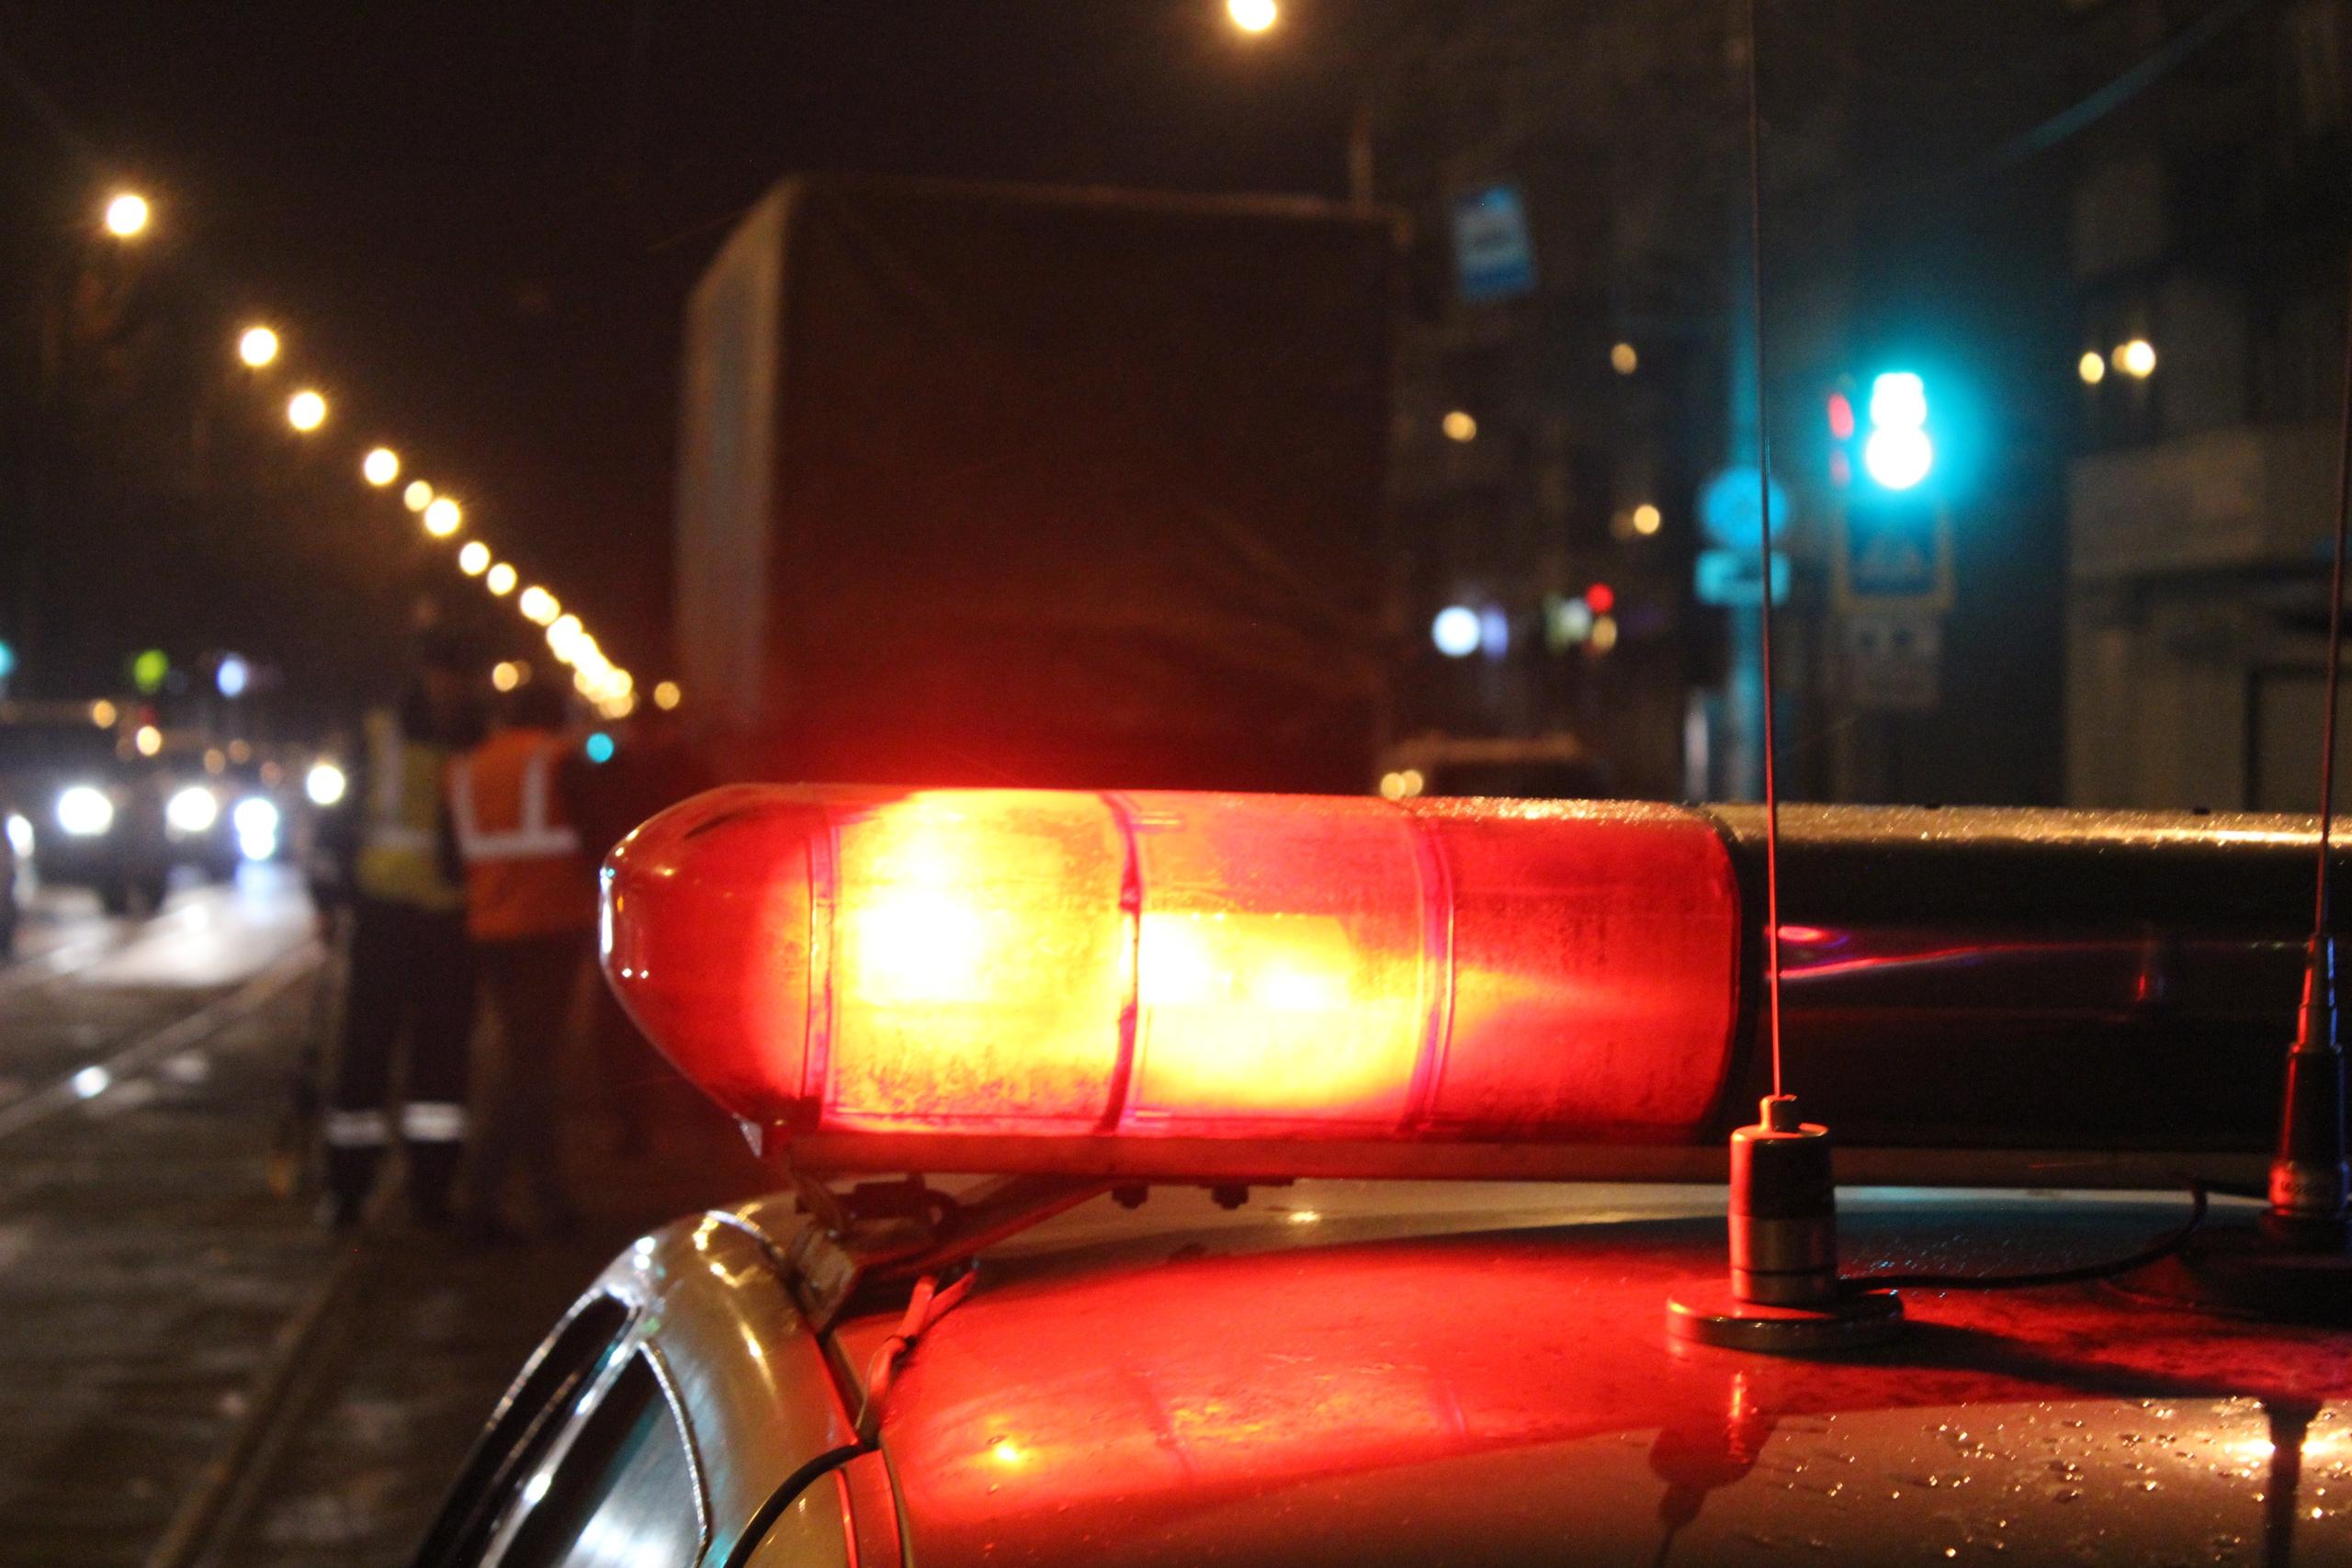 За выходные в Тверской области автоинспекторы остановили более 70 пьяных водителей - новости Афанасий